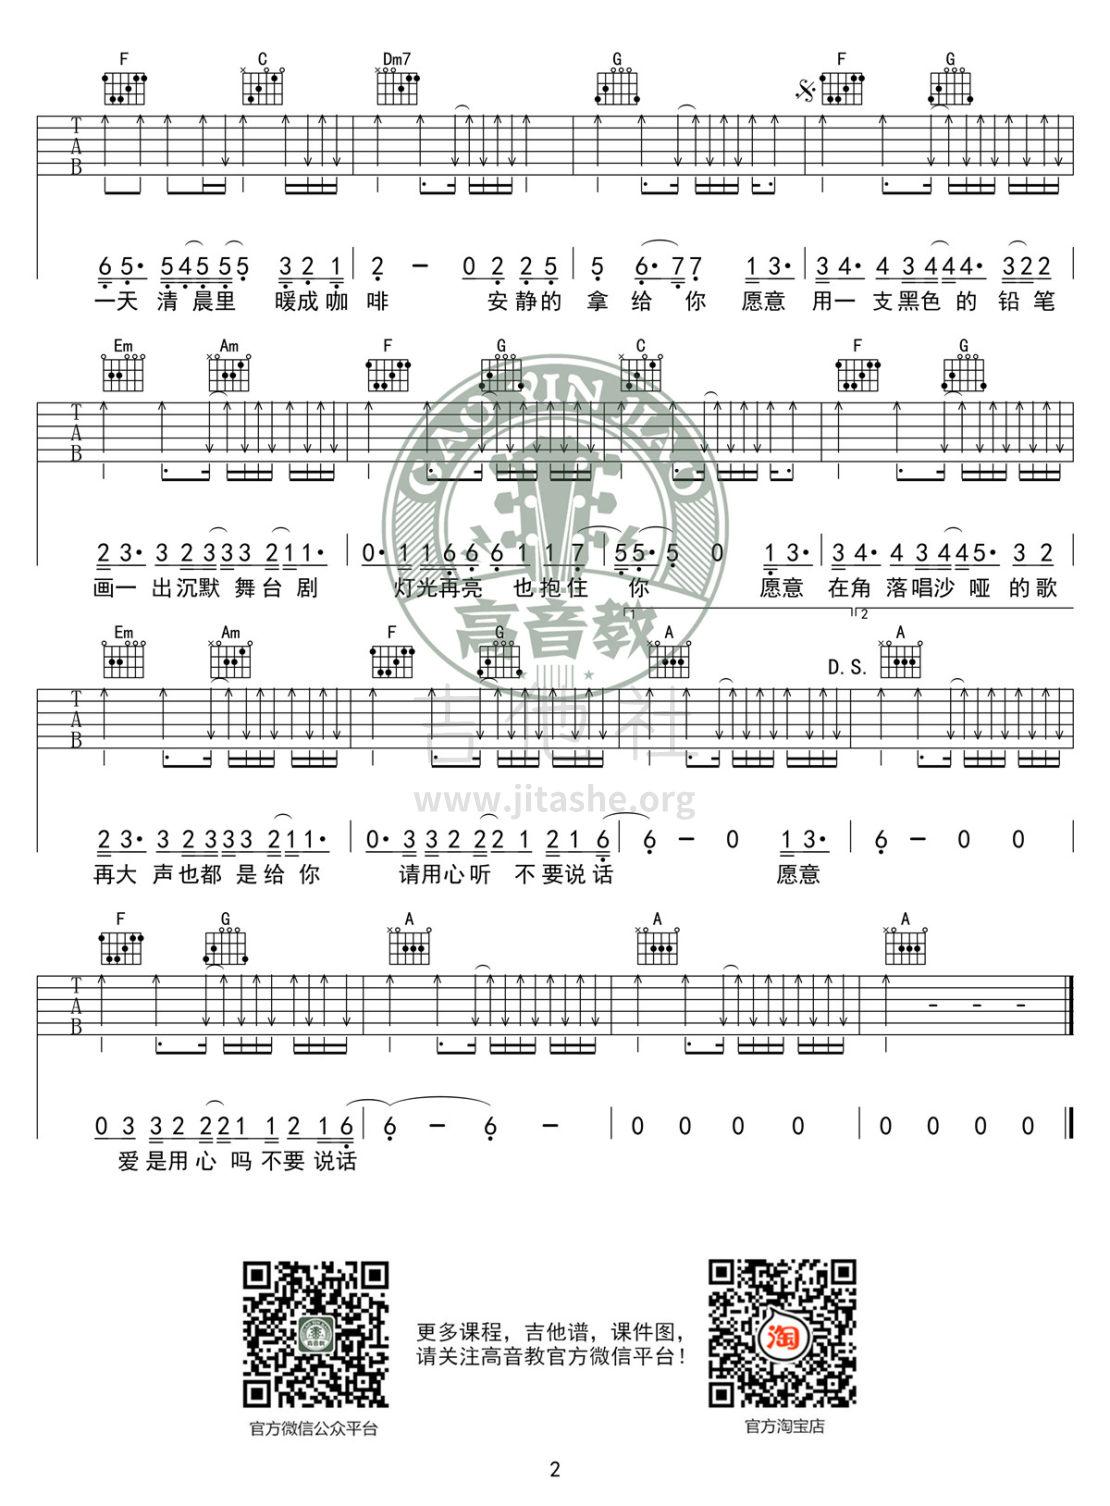 不要说话吉他谱(图片谱,弹唱,伴奏,C调)_陈奕迅(Eason Chan)_《不要说话》C调标准版02.jpg